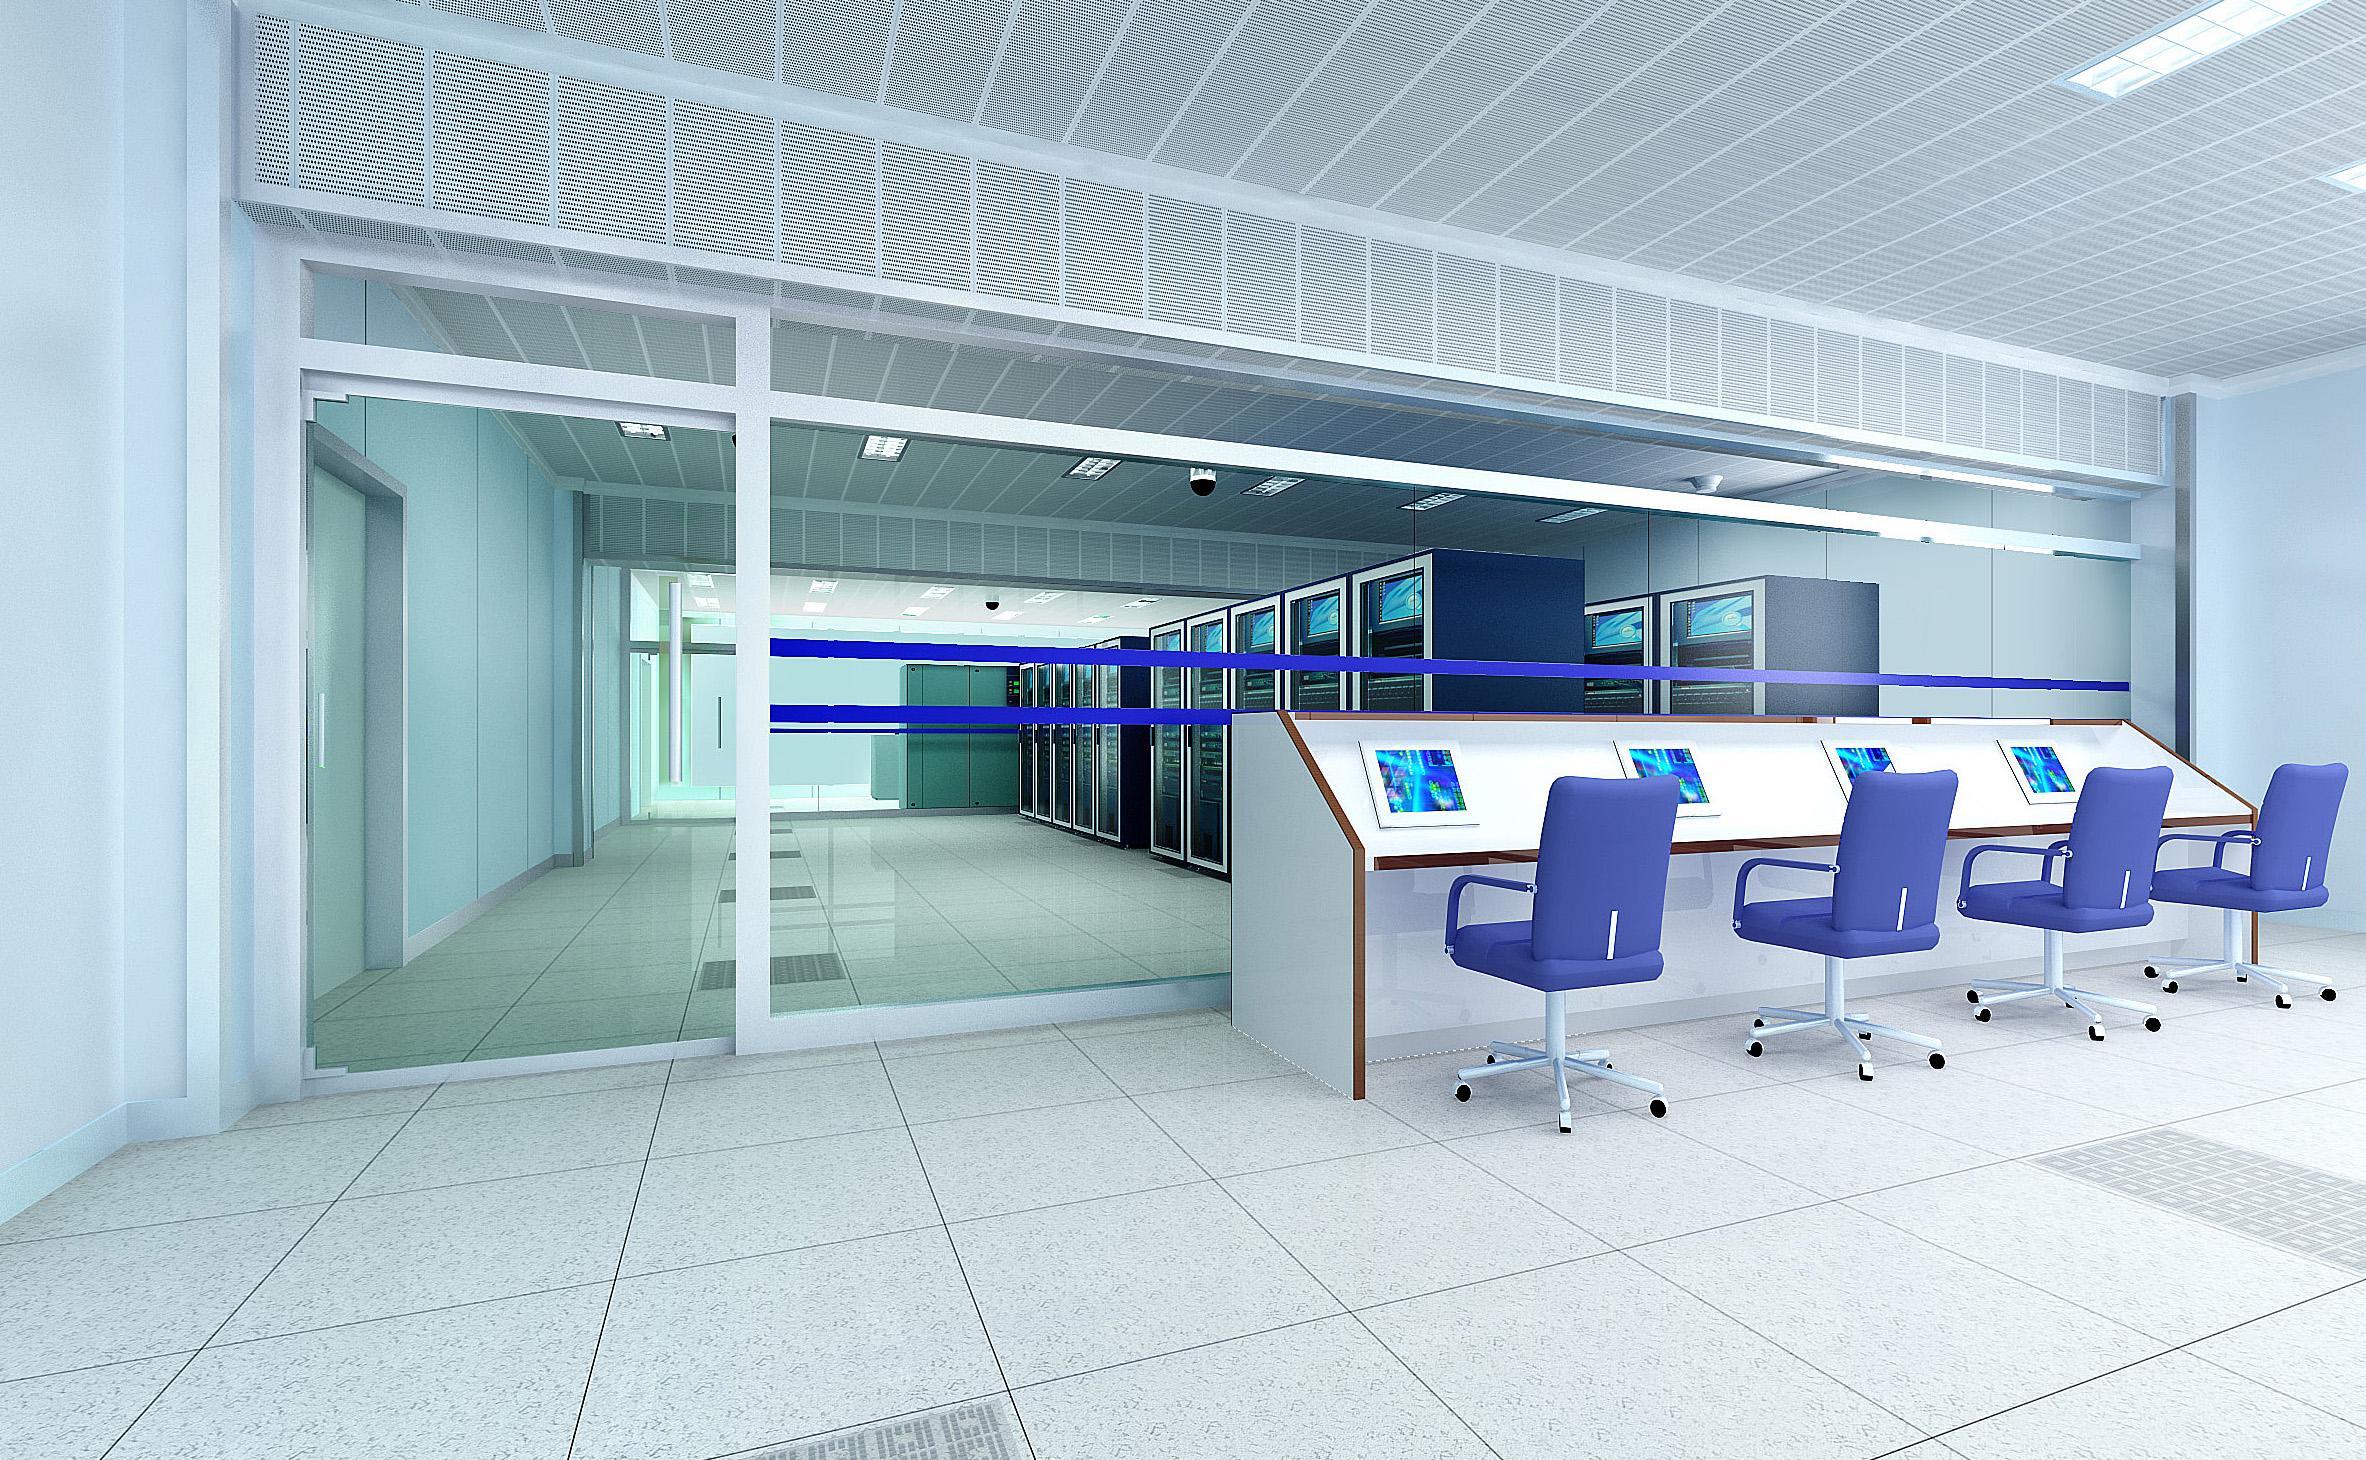 ажлын өрөө & хяналтын өрөө 009 3d загвар max 137496